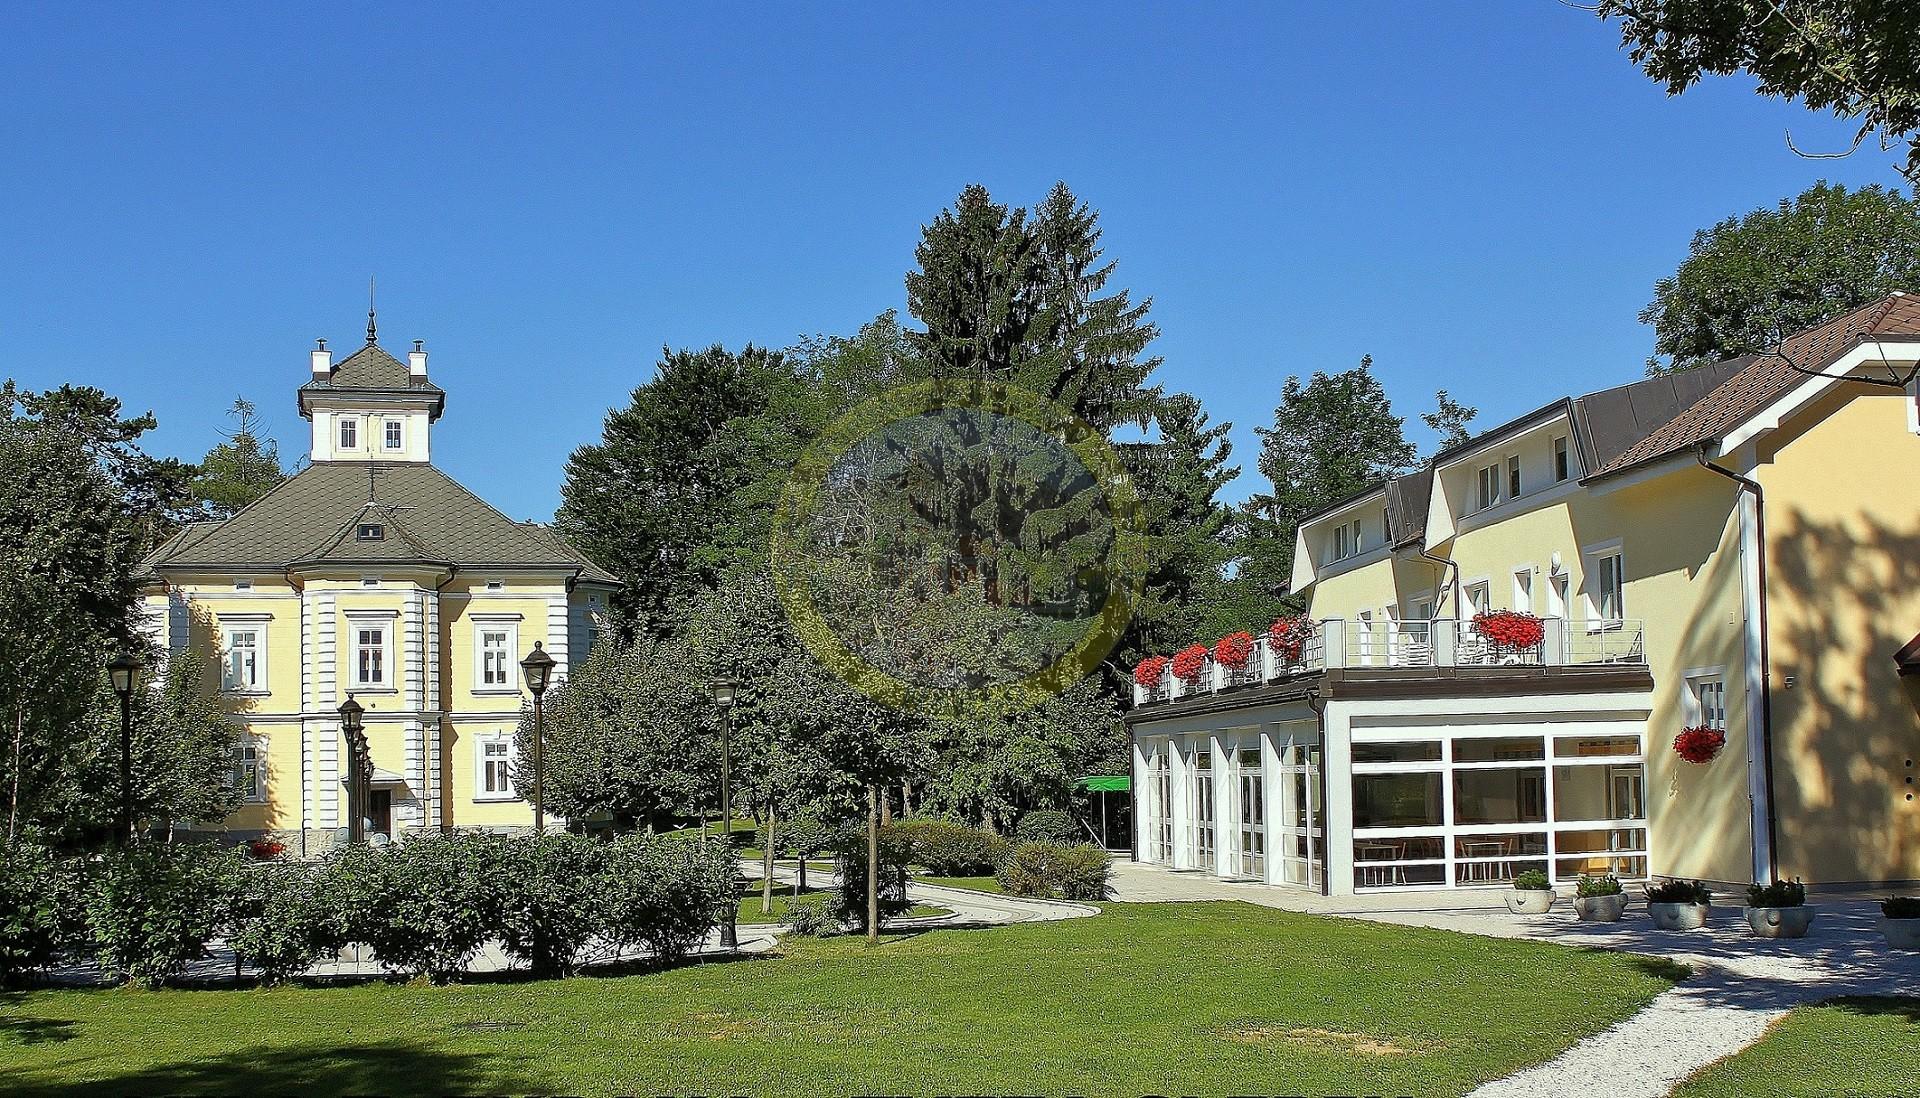 Zveza slepih in slabovidnih Slovenije je vilo Toma Zupana z okolico v zadnjih desetih letih temeljito prenovila. Danes je ena najlepših, če ne celo najlepše urejena hiša z okolico v Naklem.